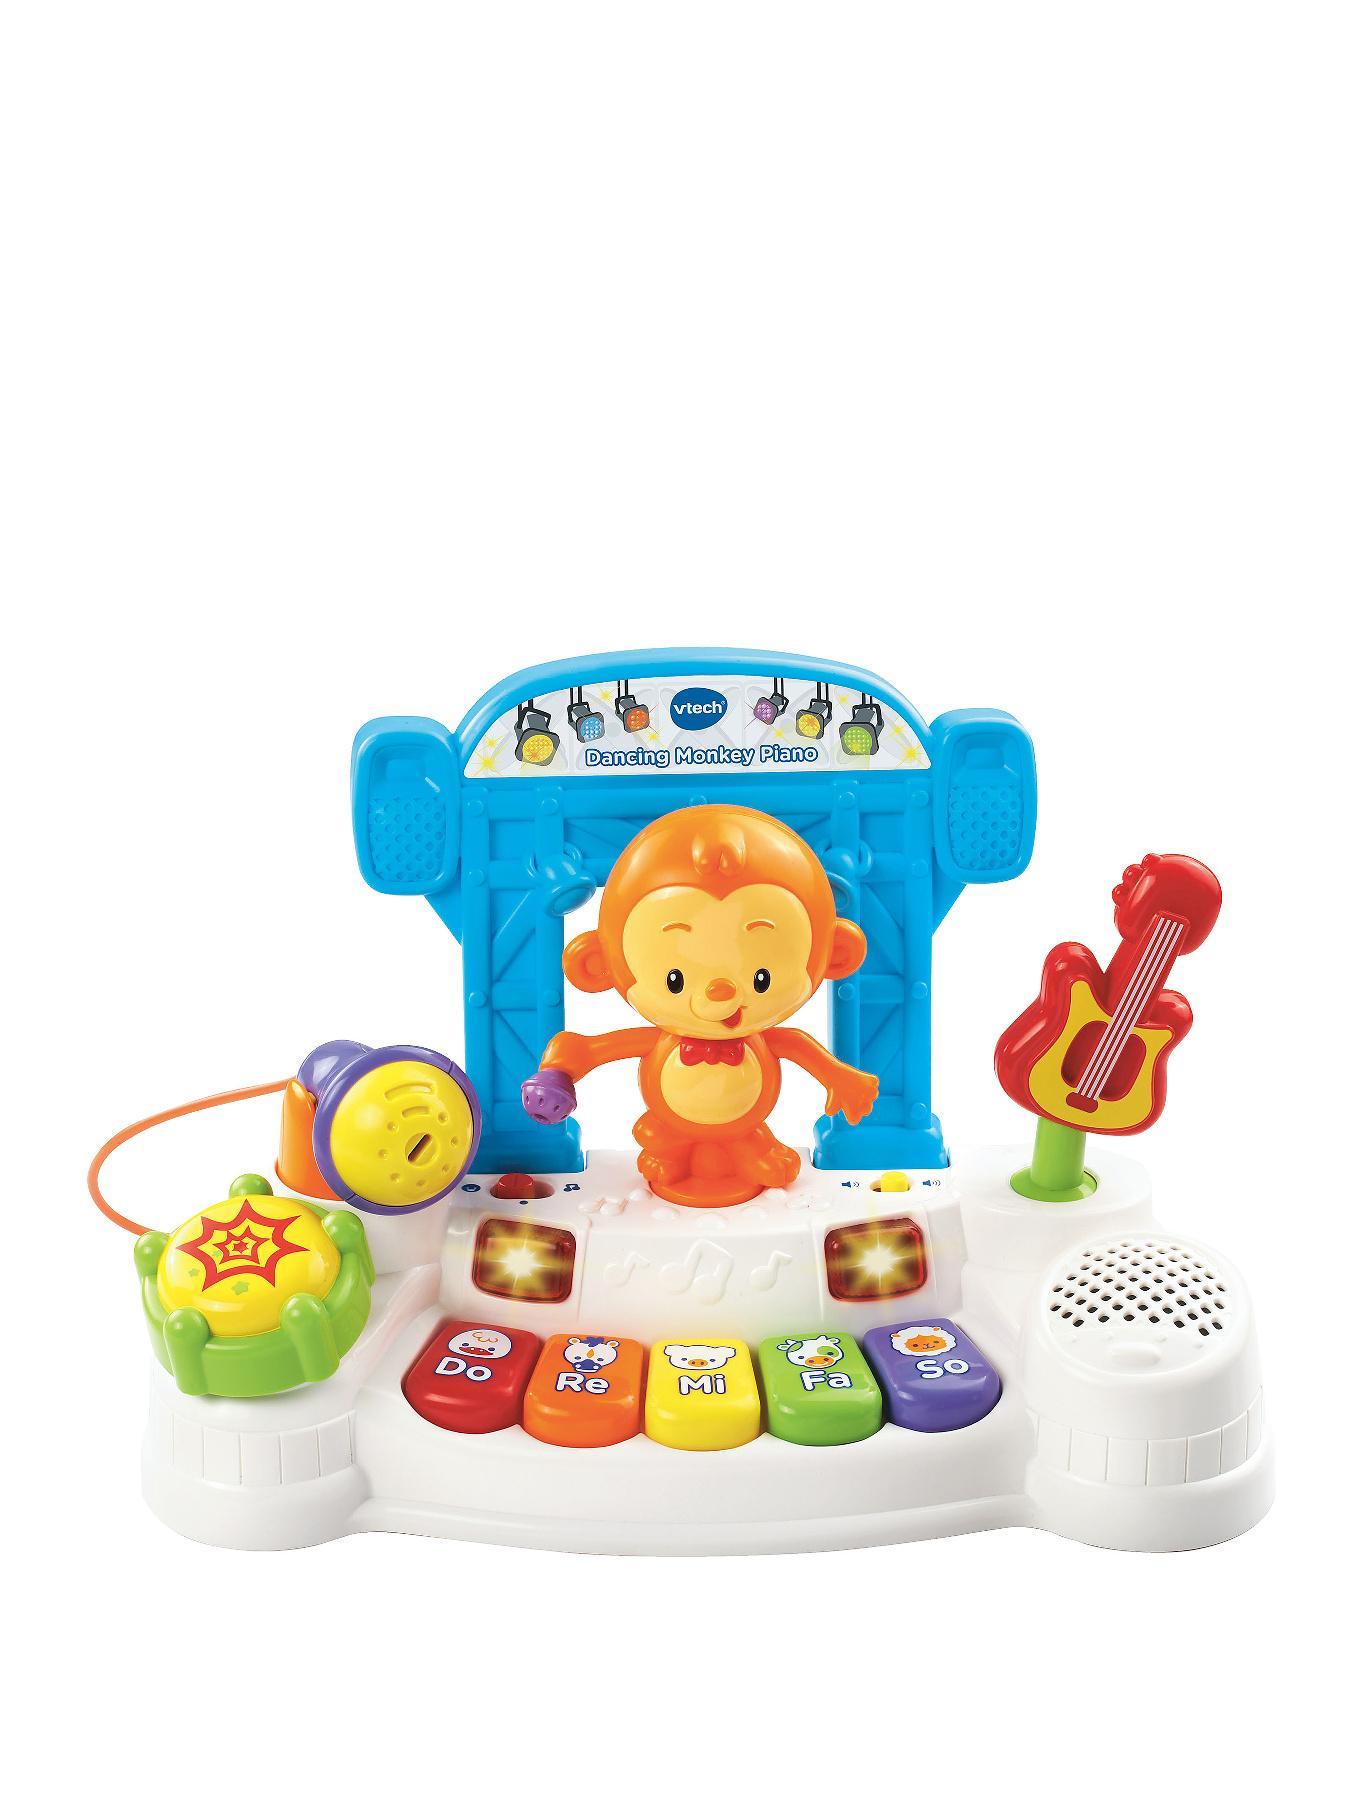 VTech Dancing Monkey Piano